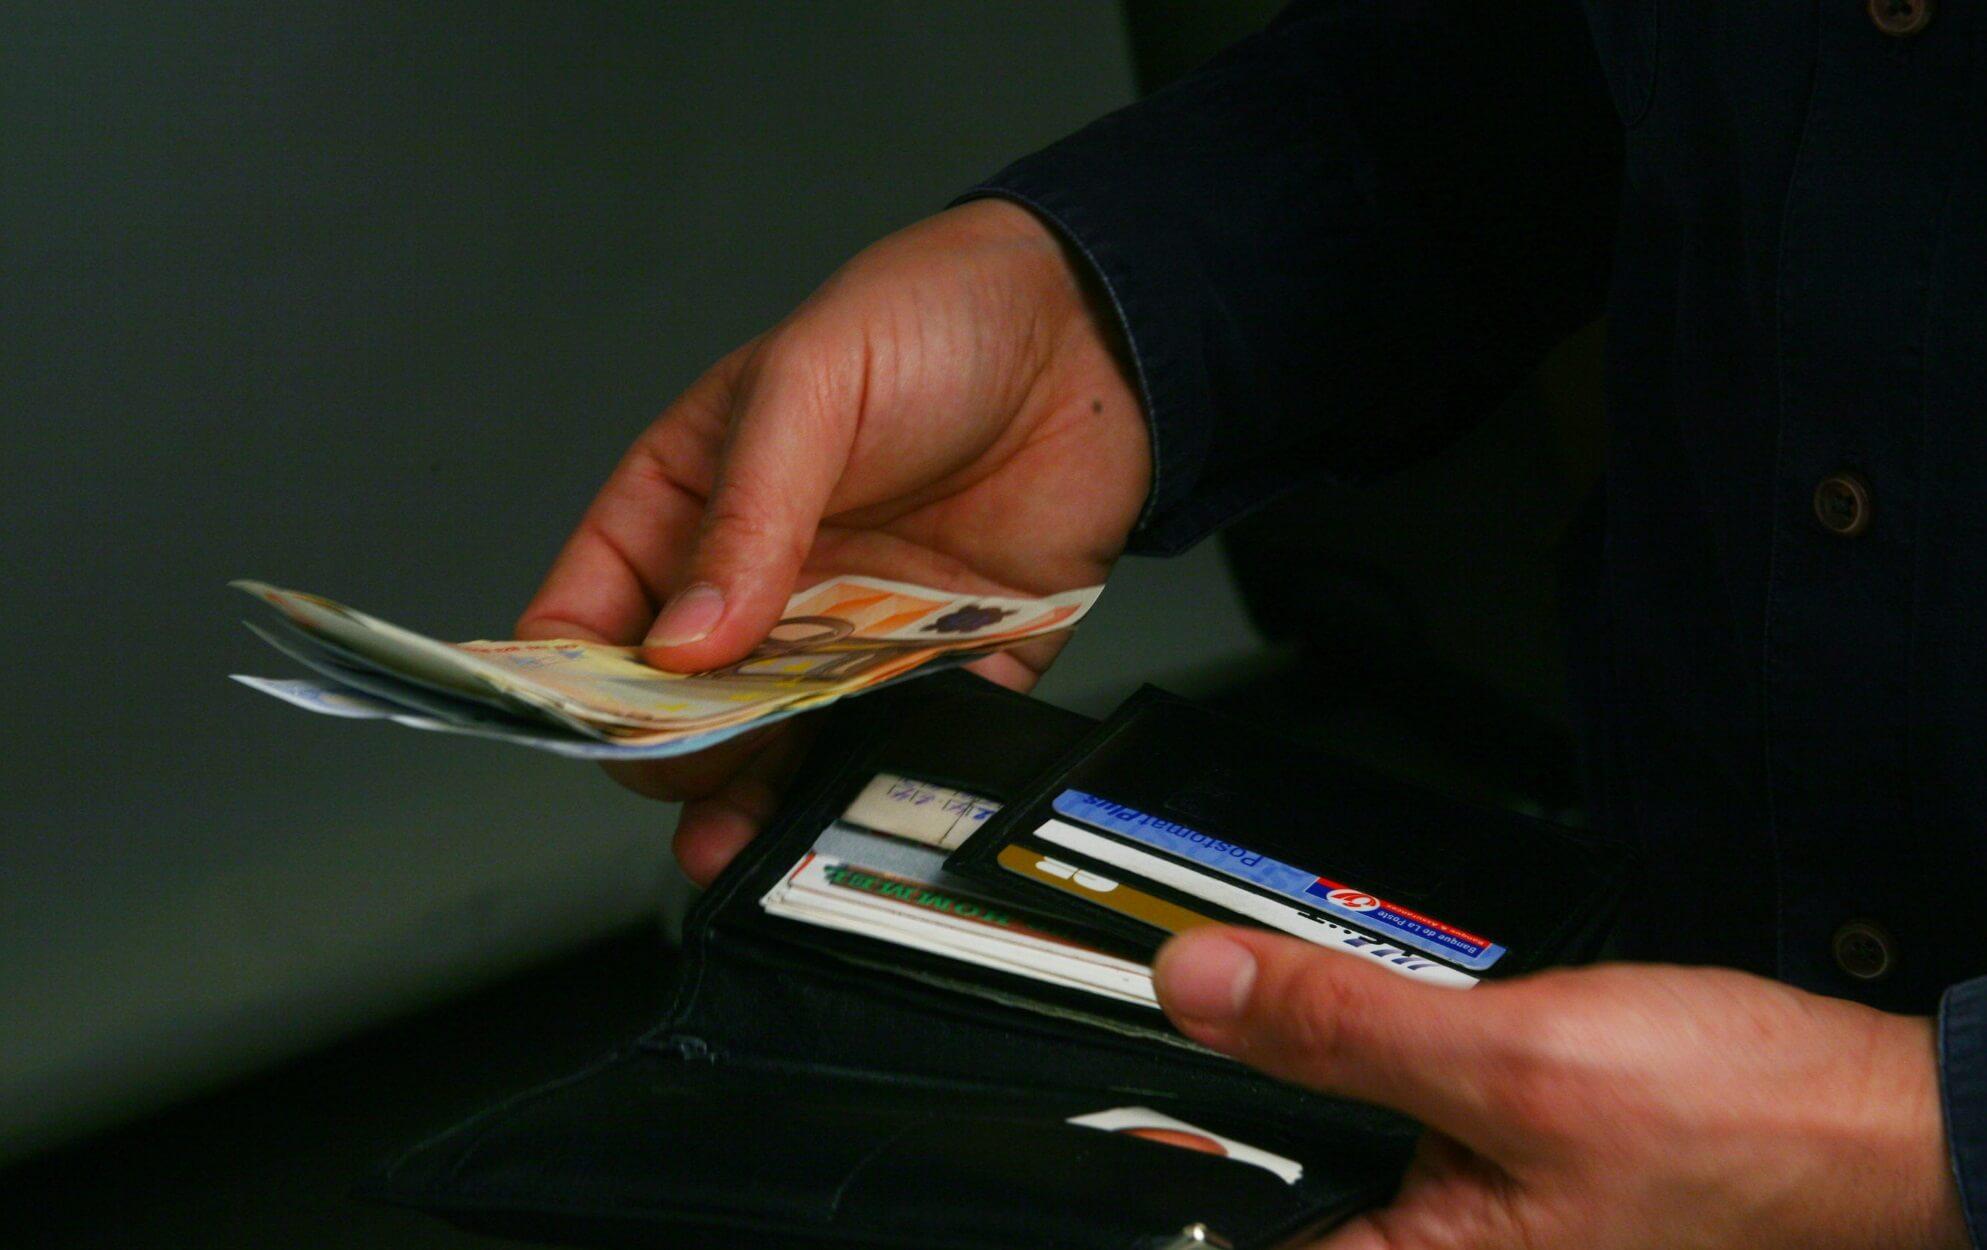 Πως θα συμπληρωθούν στην φορολογική δήλωση οι τόκοι από τις καταθέσεις – Τι πρέπει να προσέξουν οι φορολογούμενοι